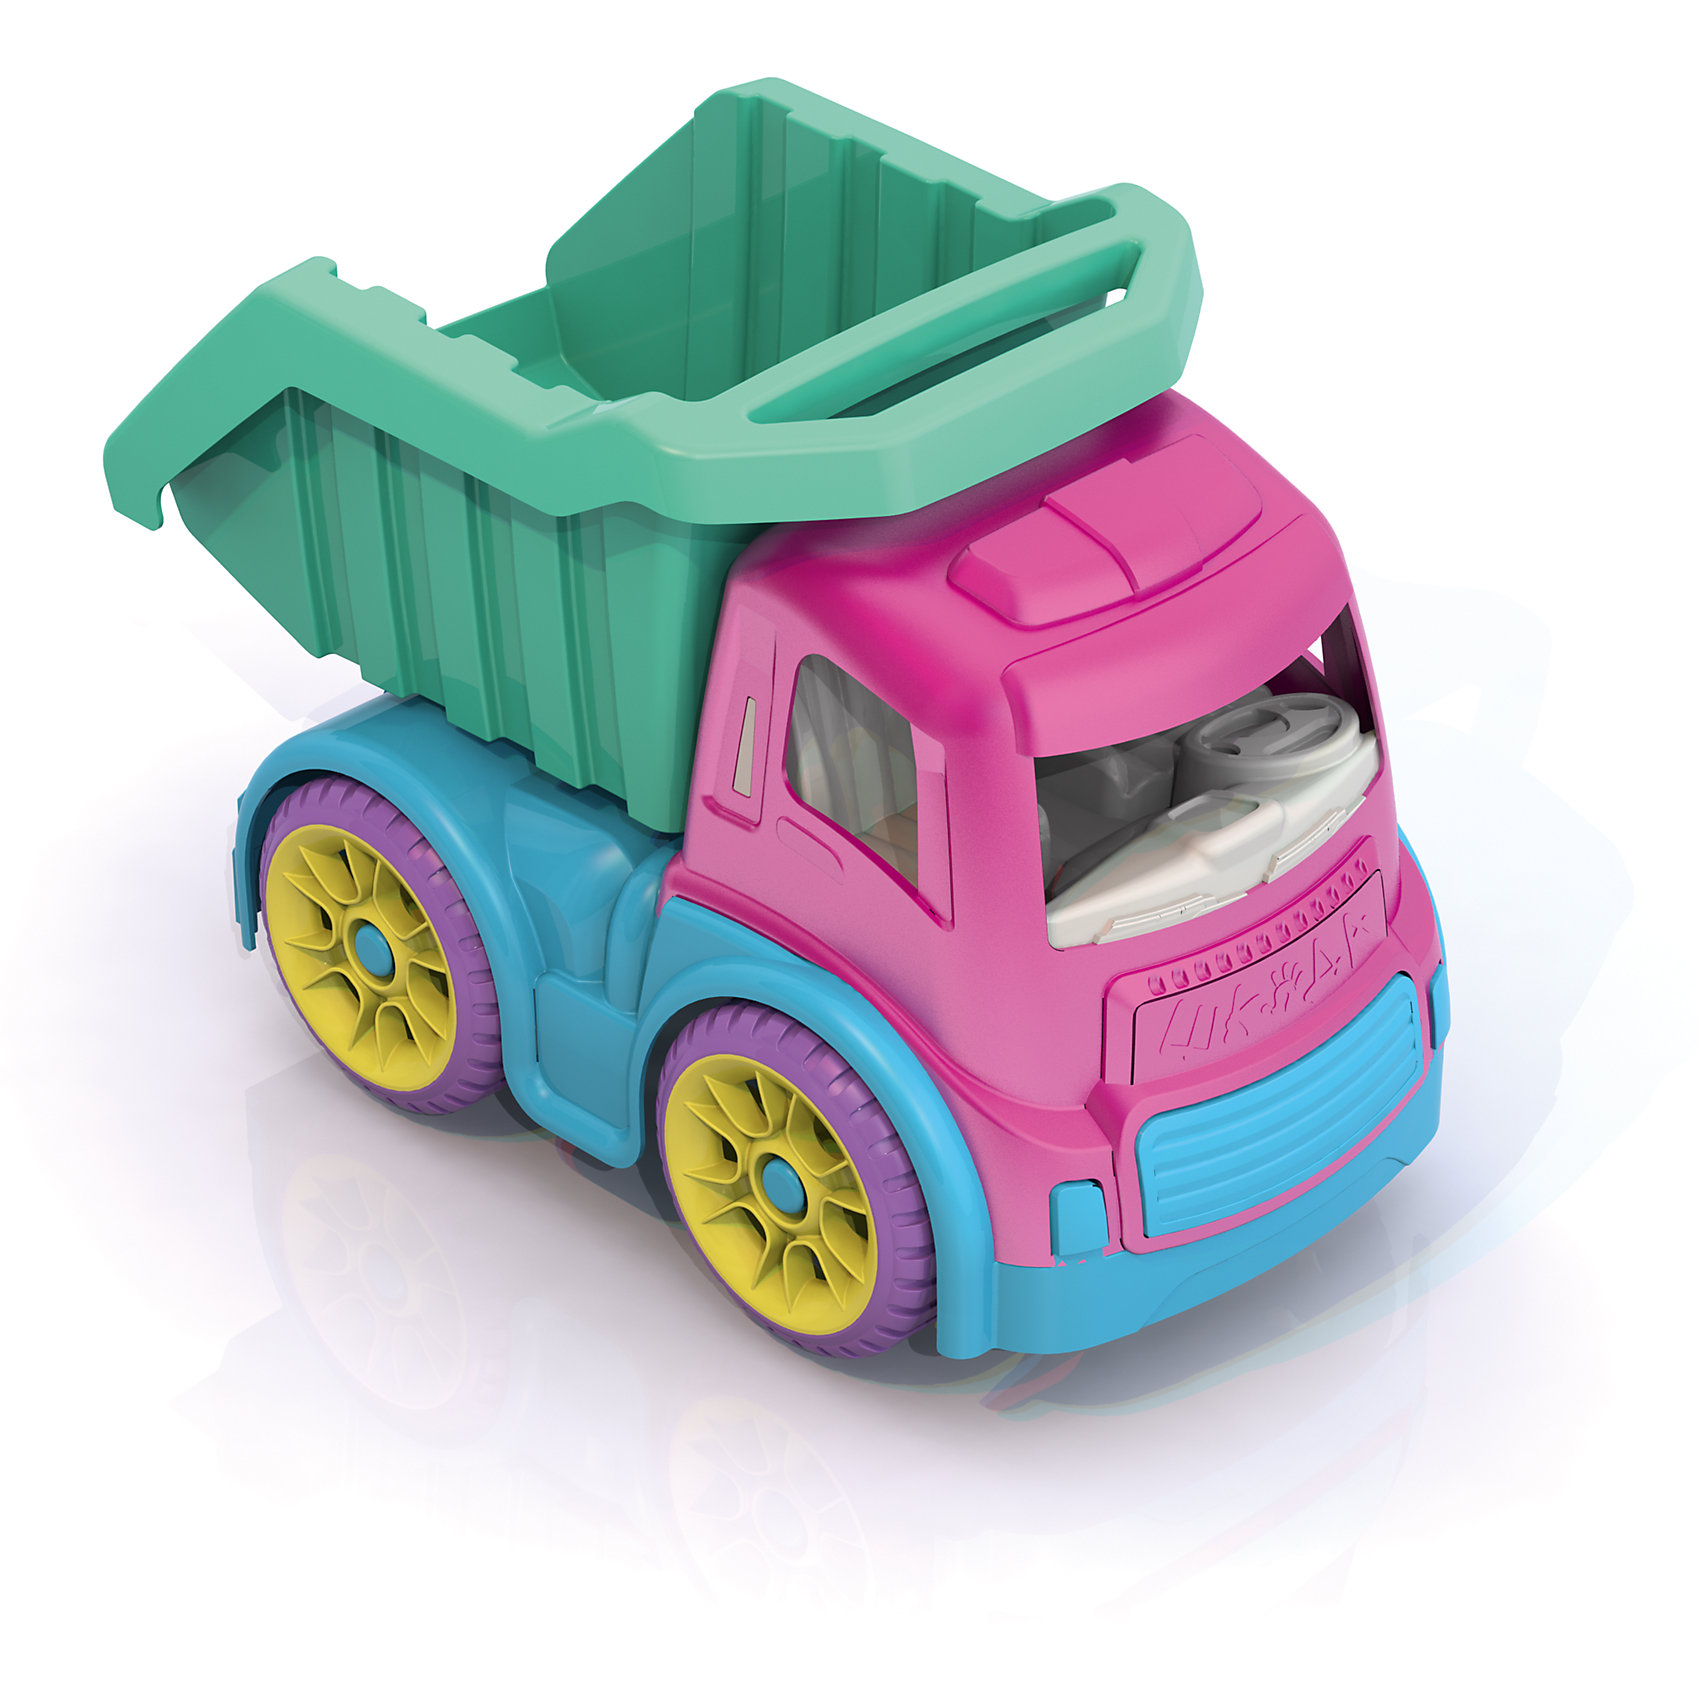 Грузовик большой, ШкодаБольшой грузовик из серии Моя любимая машинка - уникальная игрушка из пластмассы нового поколения, в производстве использованы очень яркие цвета и новые дизайнерские решения. <br><br>Дополнительная информация:<br><br>- размеры: (40,5*23*28,5), <br>- функциональный кузов который способен перевозить любые ваши игрушки, регулируется в двух положениях<br><br>Грузовик большой, Шкода можно купить в нашем магазине.<br><br>Ширина мм: 405<br>Глубина мм: 230<br>Высота мм: 285<br>Вес г: 1050<br>Возраст от месяцев: 36<br>Возраст до месяцев: 72<br>Пол: Унисекс<br>Возраст: Детский<br>SKU: 4104899